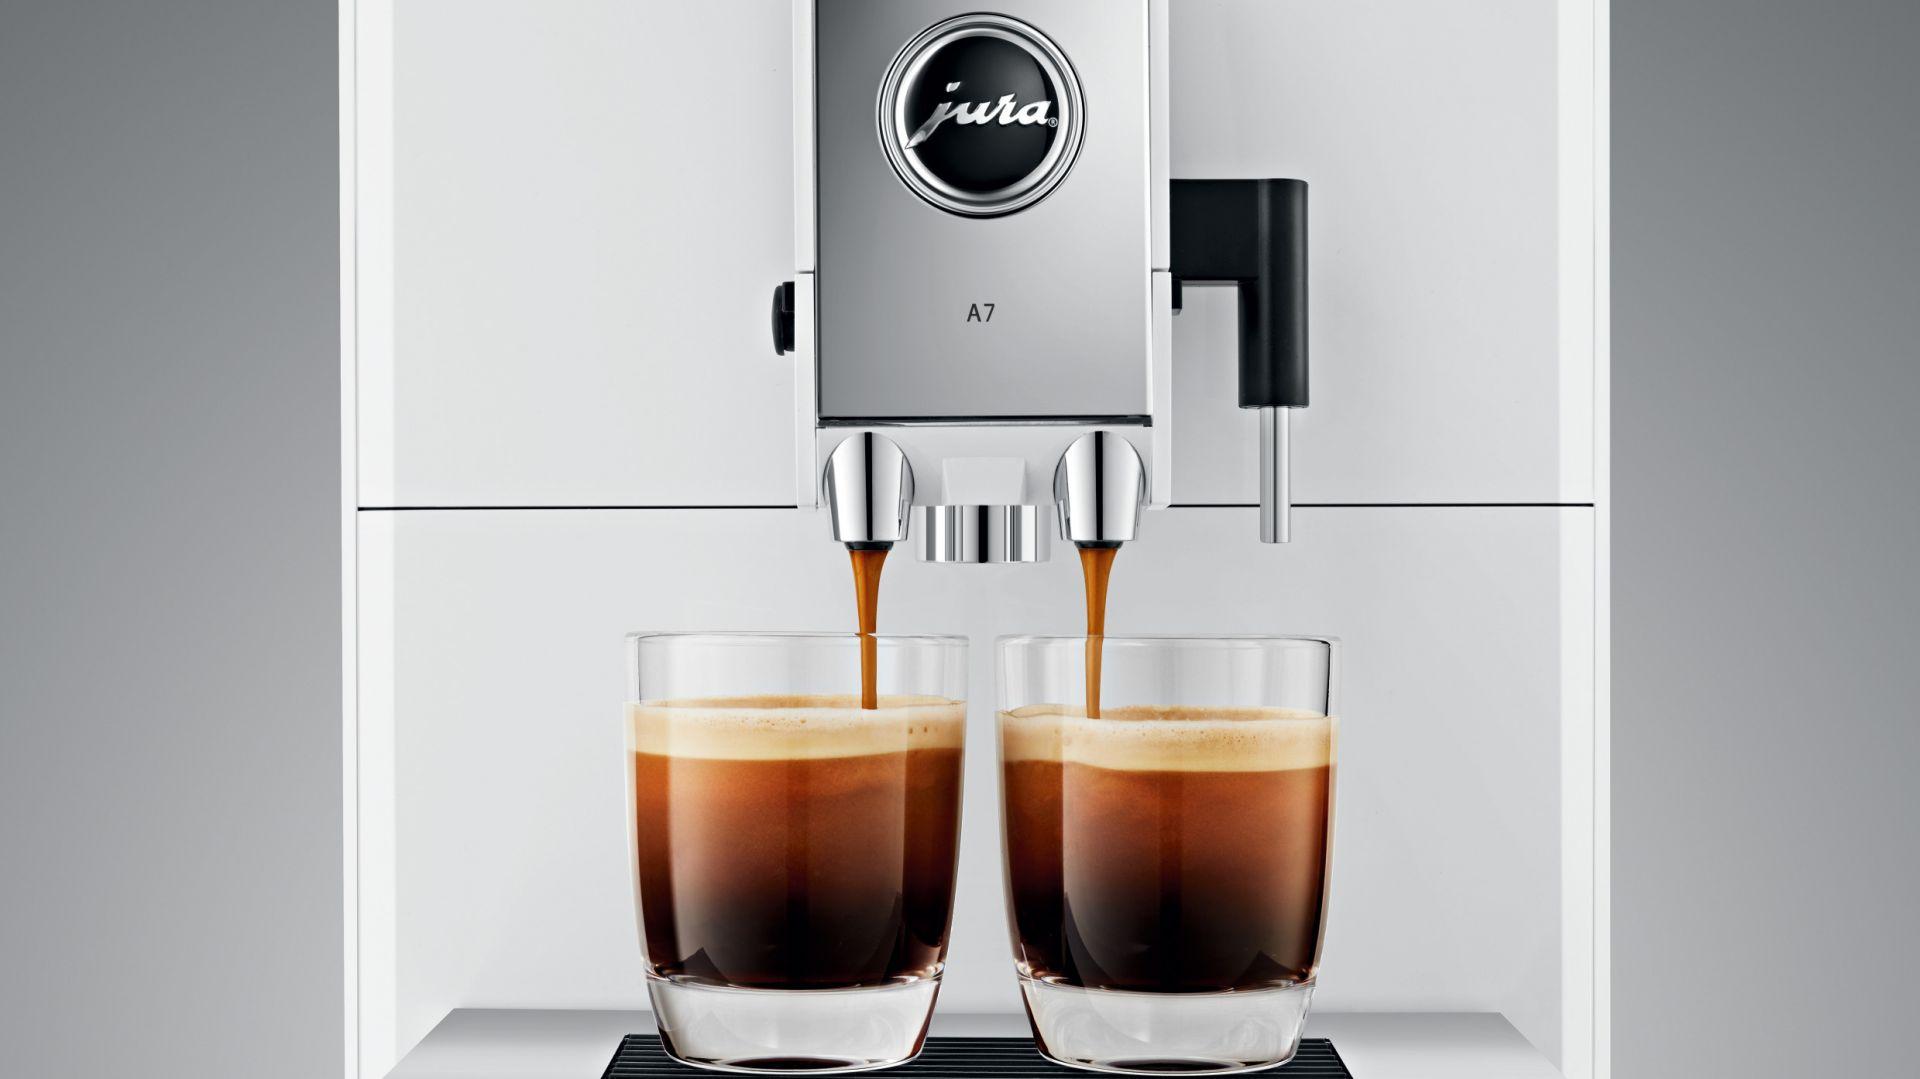 Fanom kompaktu przypadnie do gustu model JURA A7, który za naciśnięciem jednego przycisku przygotuje bajkowe cappuccino i modne latte macchiato, ale też klasyczne espresso i kawę.